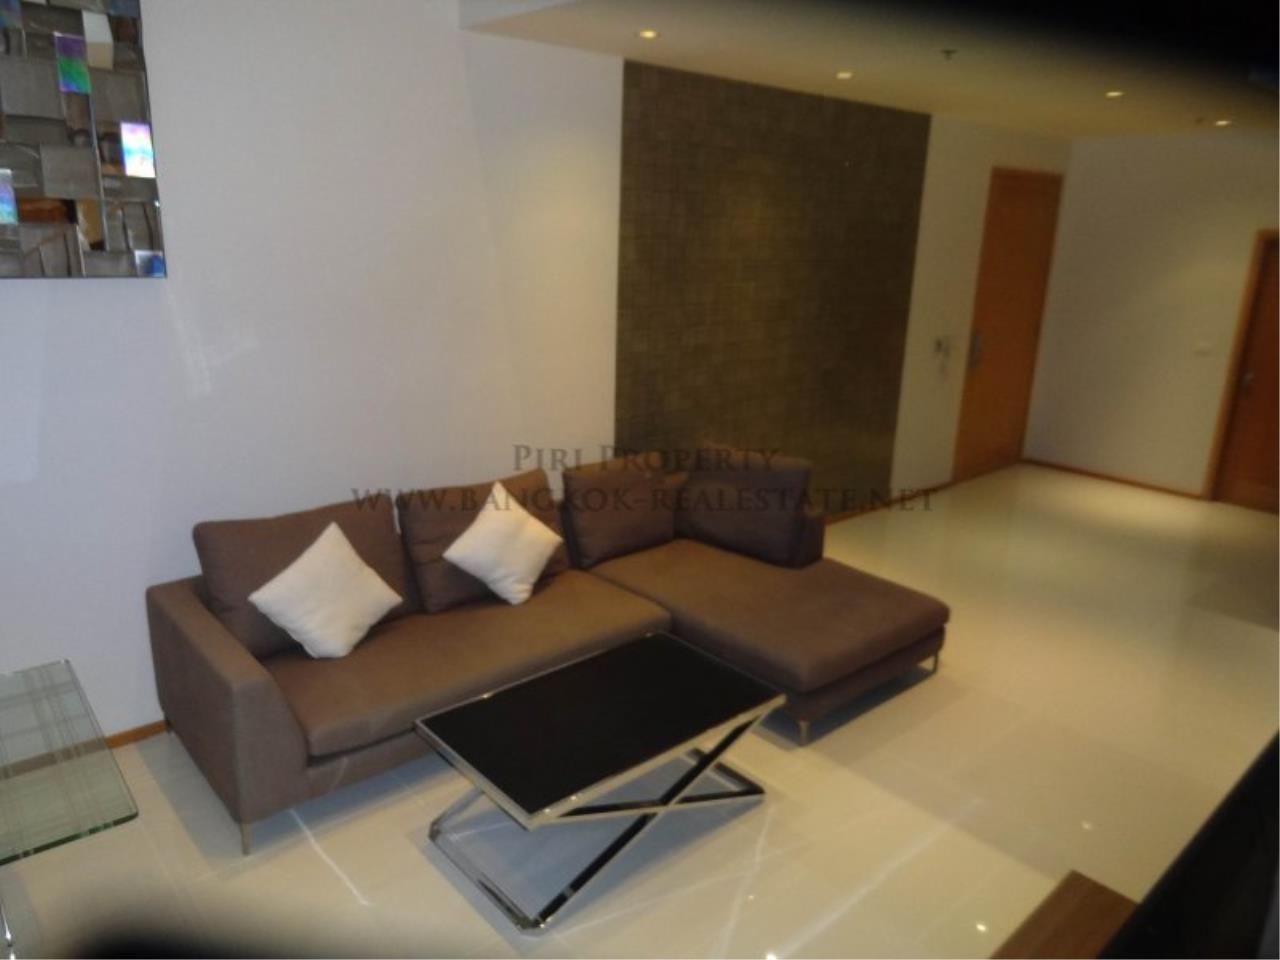 Piri Property Agency's Duplex Condo in the Emporio Place Condominium - Phrom Phong 1